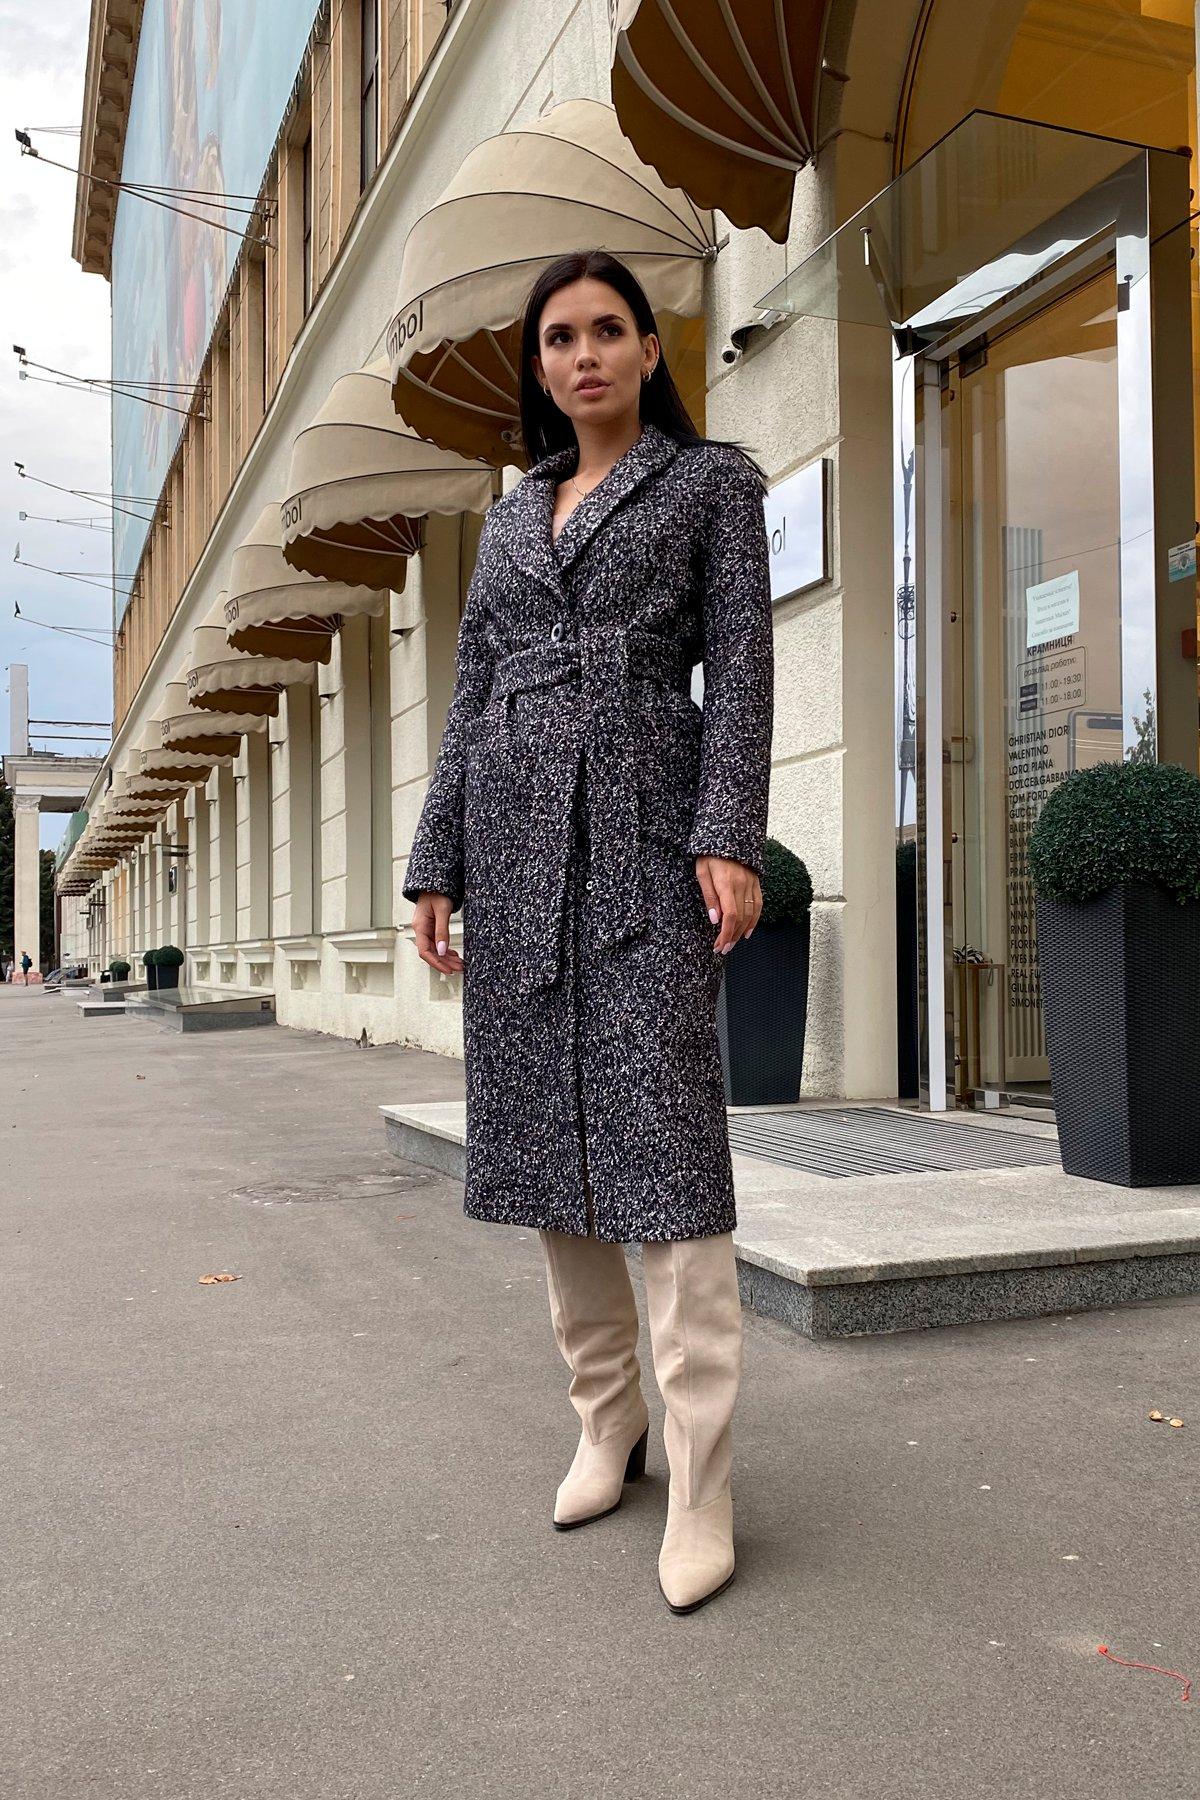 Теплое зимнее пальто буклированная шерсть Вива макси 8349 АРТ. 44517 Цвет: Черный/серый 61 - фото 14, интернет магазин tm-modus.ru